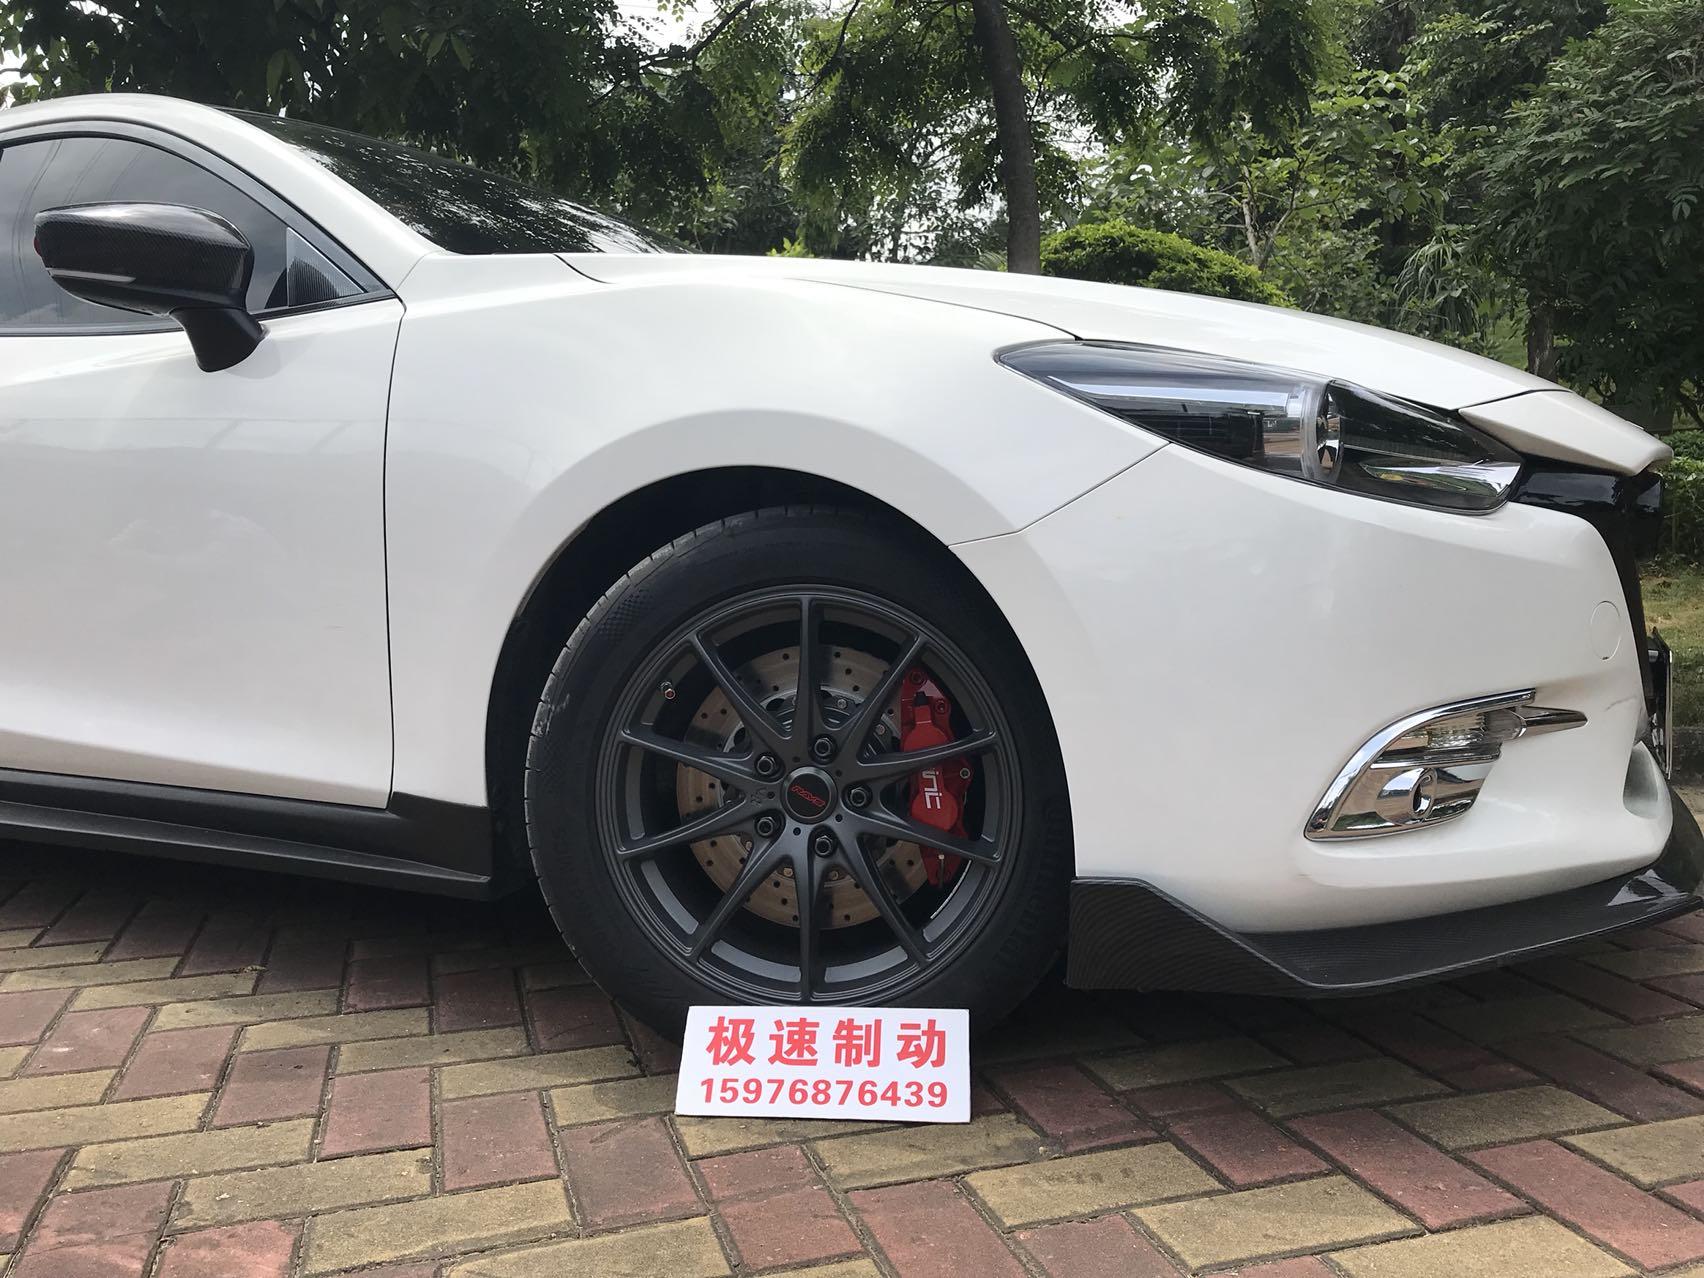 昂克赛拉17寸刹车升级正品香港VINIC四活塞刹车卡钳改装案例图